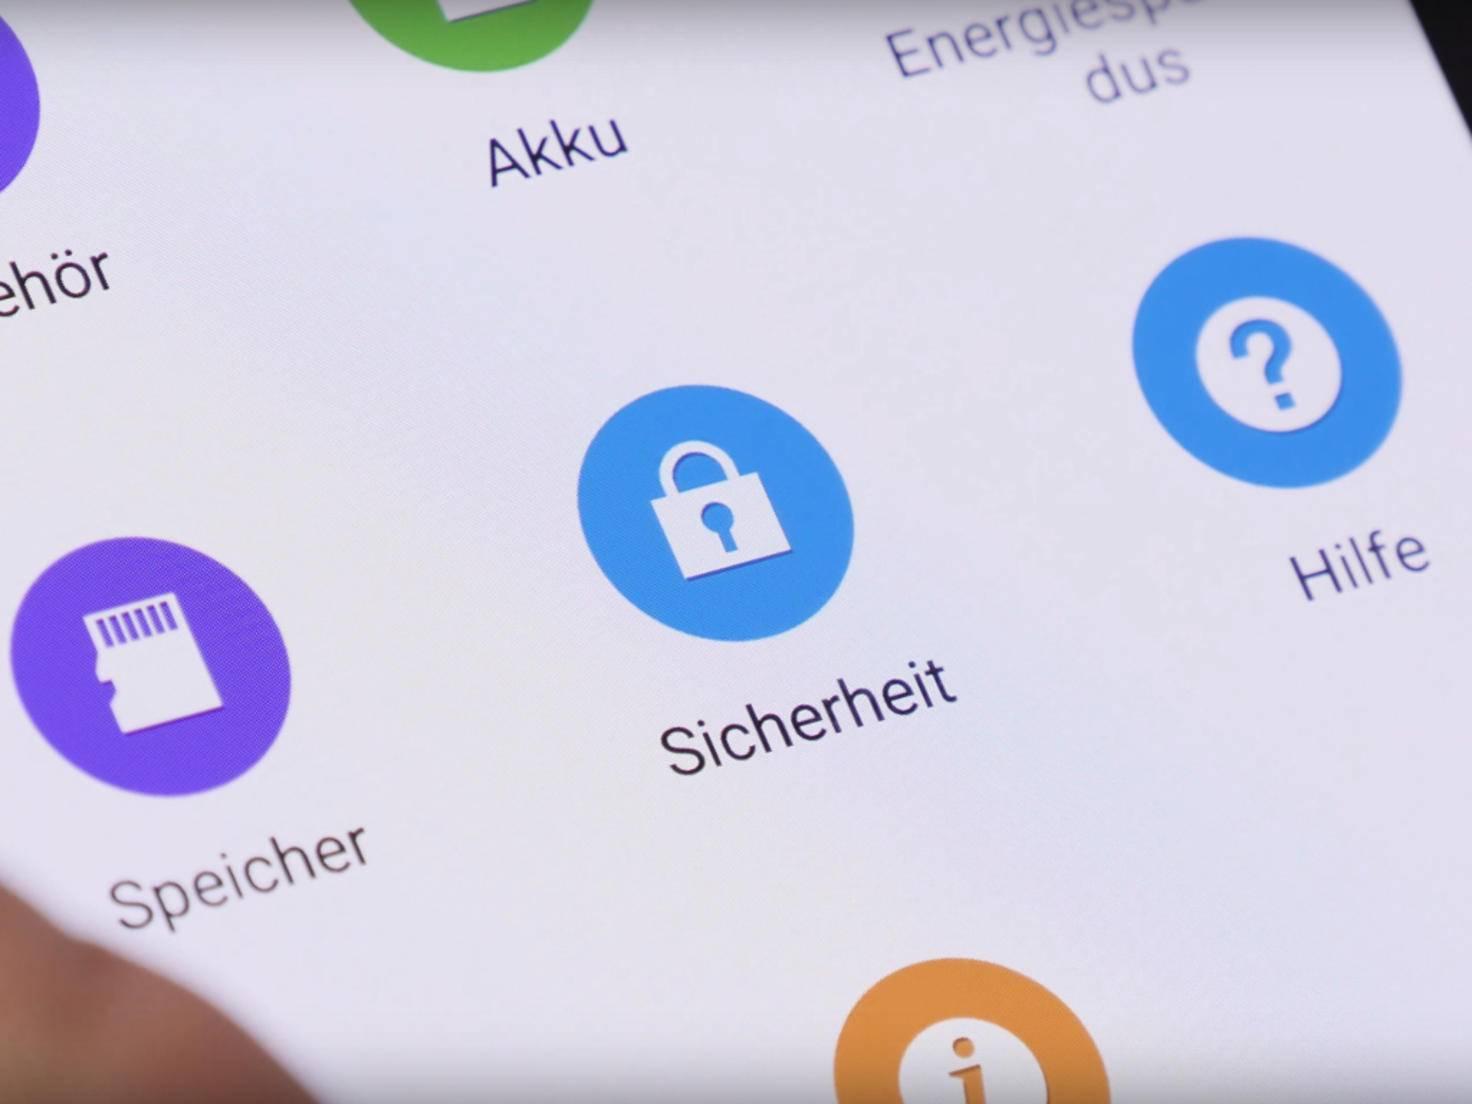 Sicherheitseinstellungen in Android